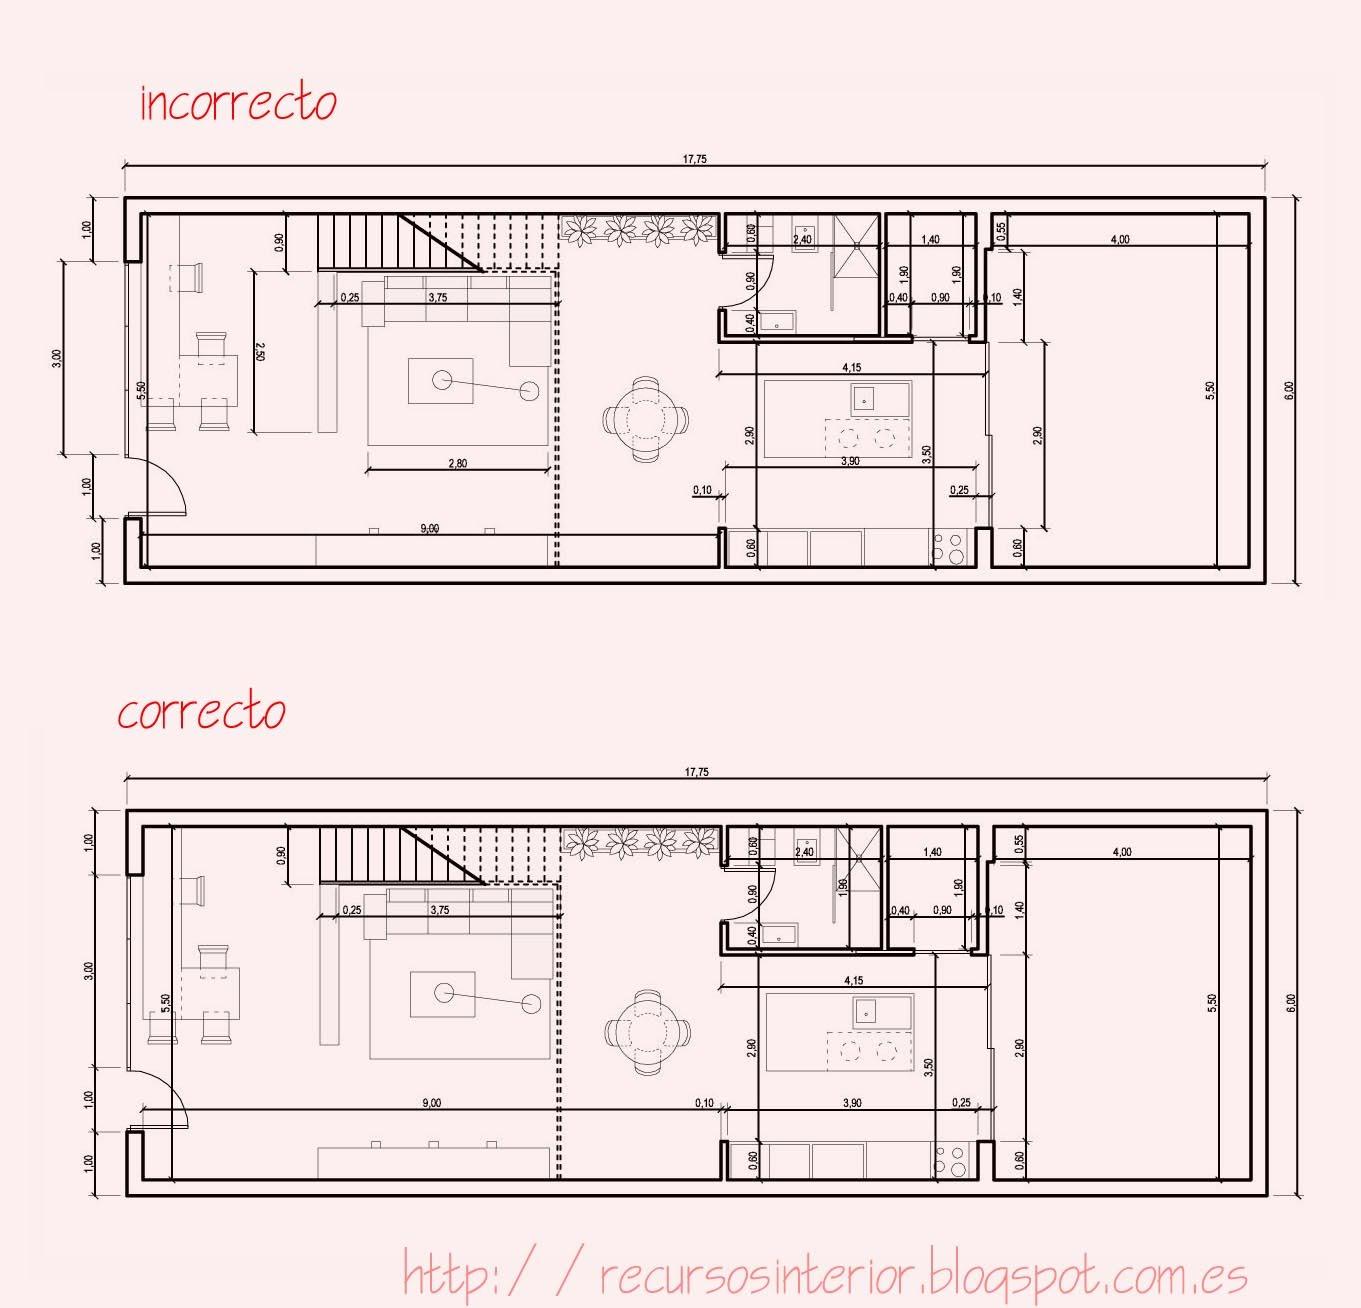 Acotar correctamente en autocad recursos interior for Clasificacion de los planos arquitectonicos